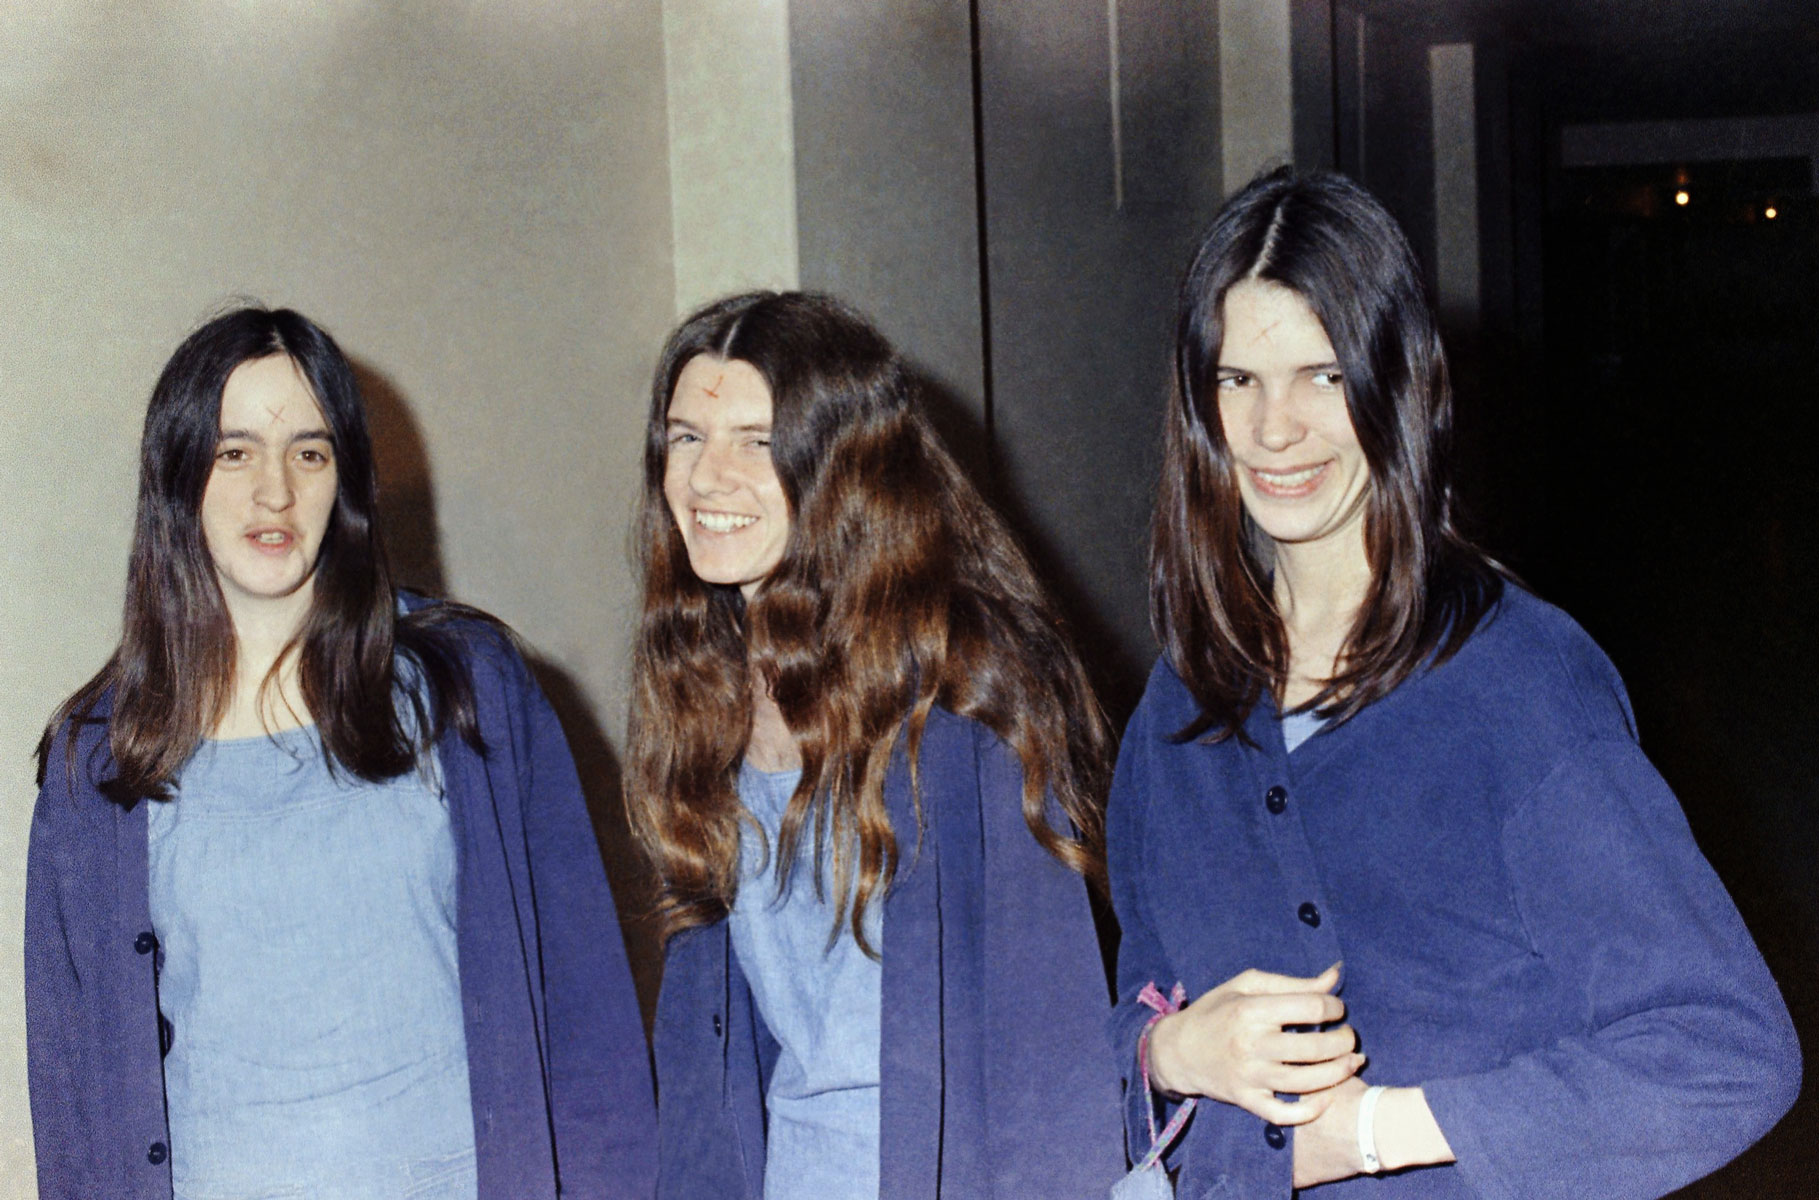 Сьюзан Аткинс, Патрисия Кренуинкел иЛесли ван Хутен всуде, 1970 год.